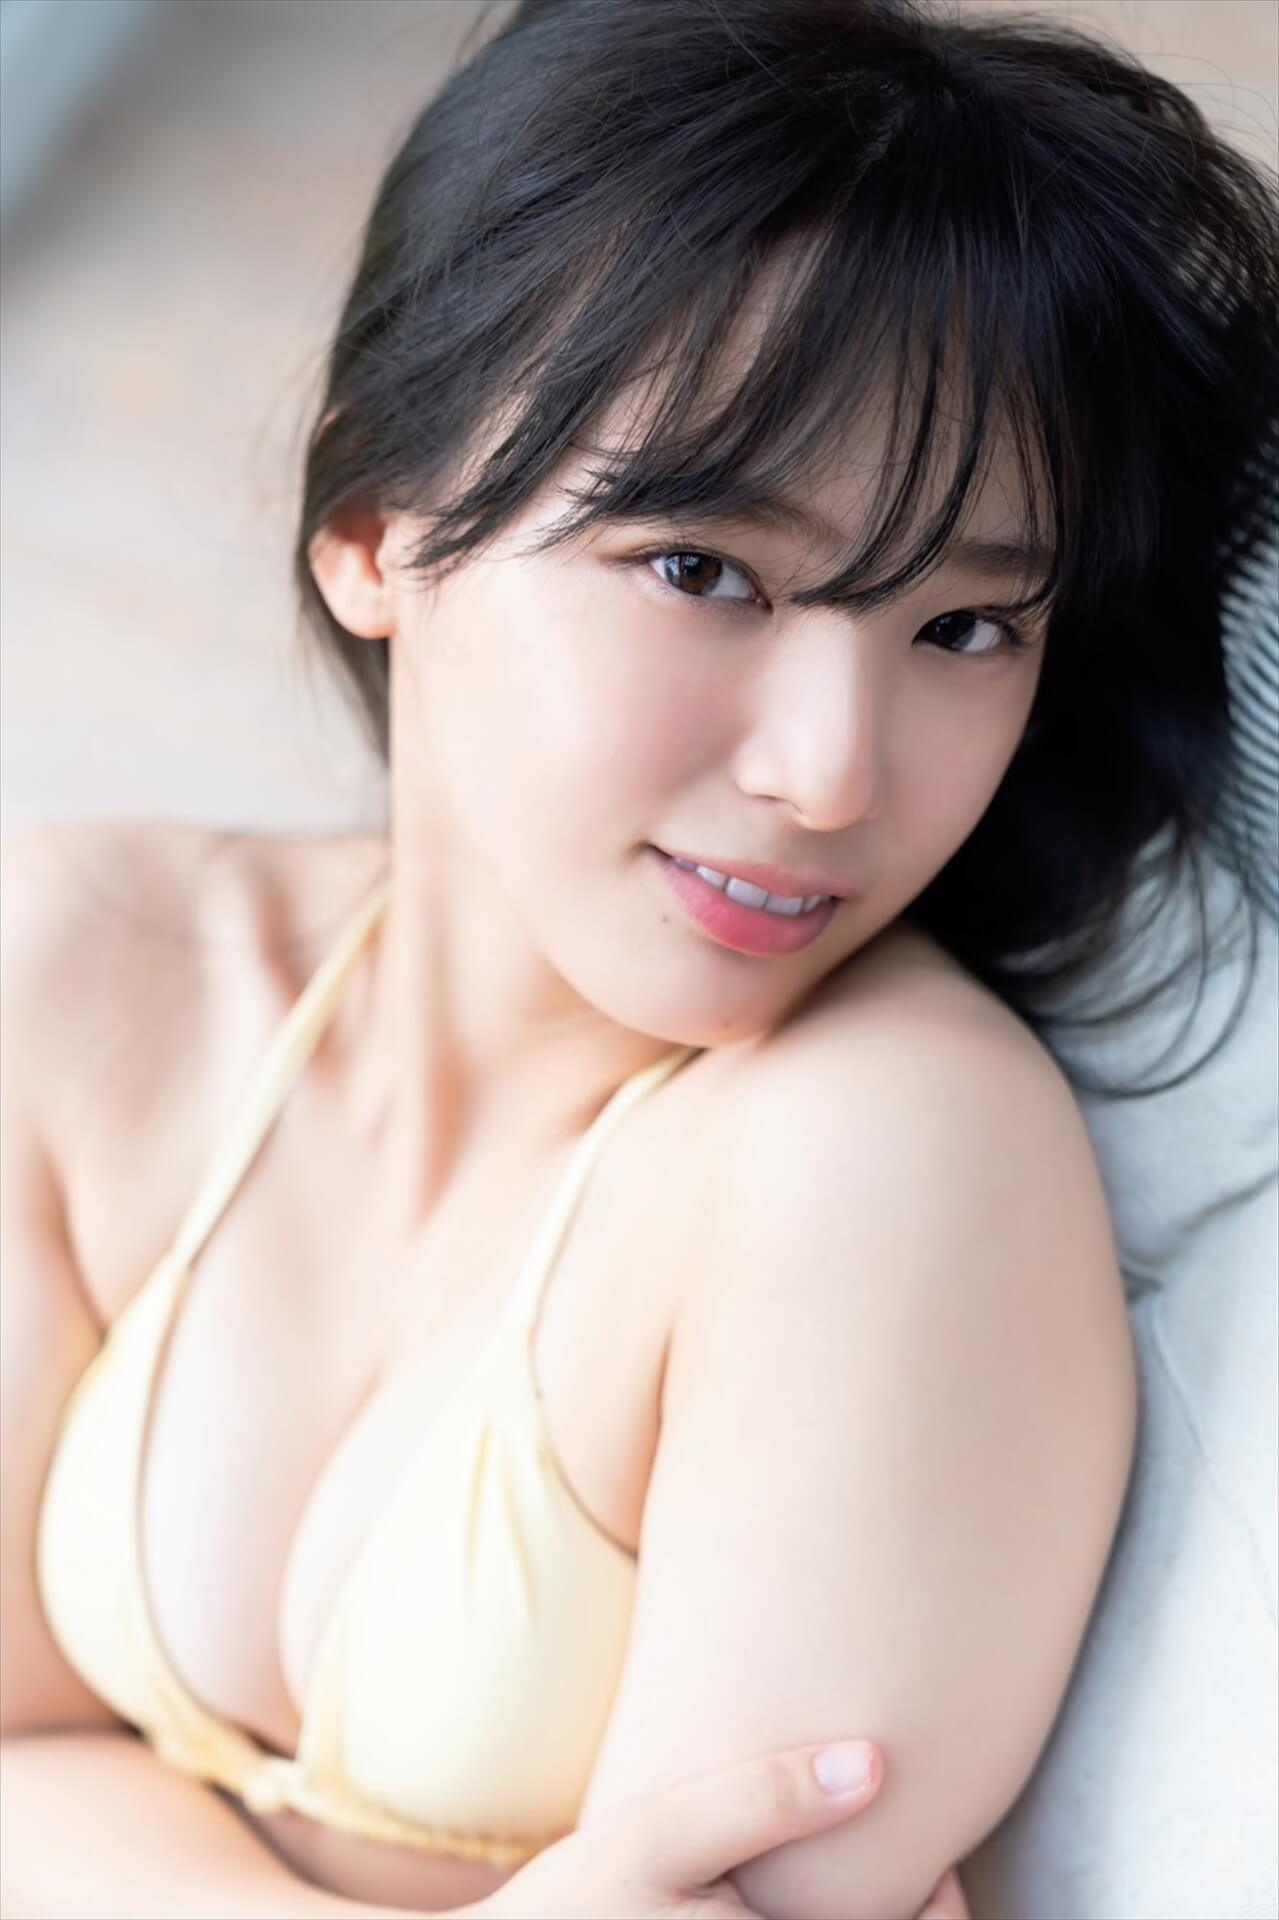 健康美ボディで注目の立野沙紀が『ヤングアニマル』グラビアページでナチュラルな姿を披露! art200911_tatenosaki_2